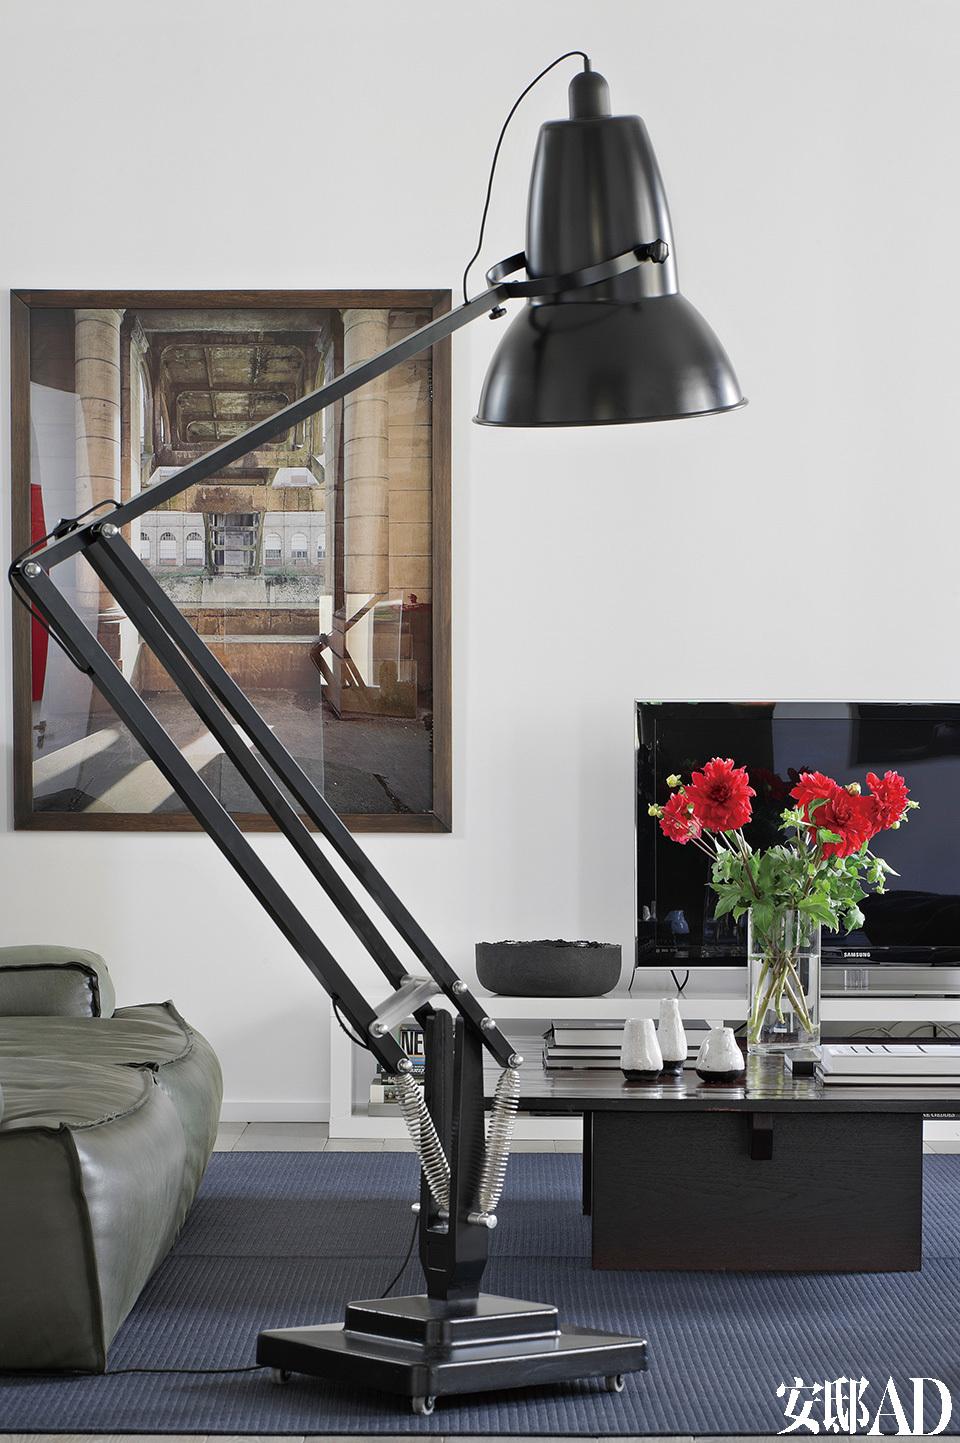 客厅中,灰绿色的皮沙发来自Baxter品牌,工业感的Giant 1227 落地灯来自Anglepoise,宜家家居的灰蓝色地毯上还摆着一张木制咖啡桌,后方墙上挂着的摄影作品 Stéphane Couturier创作。